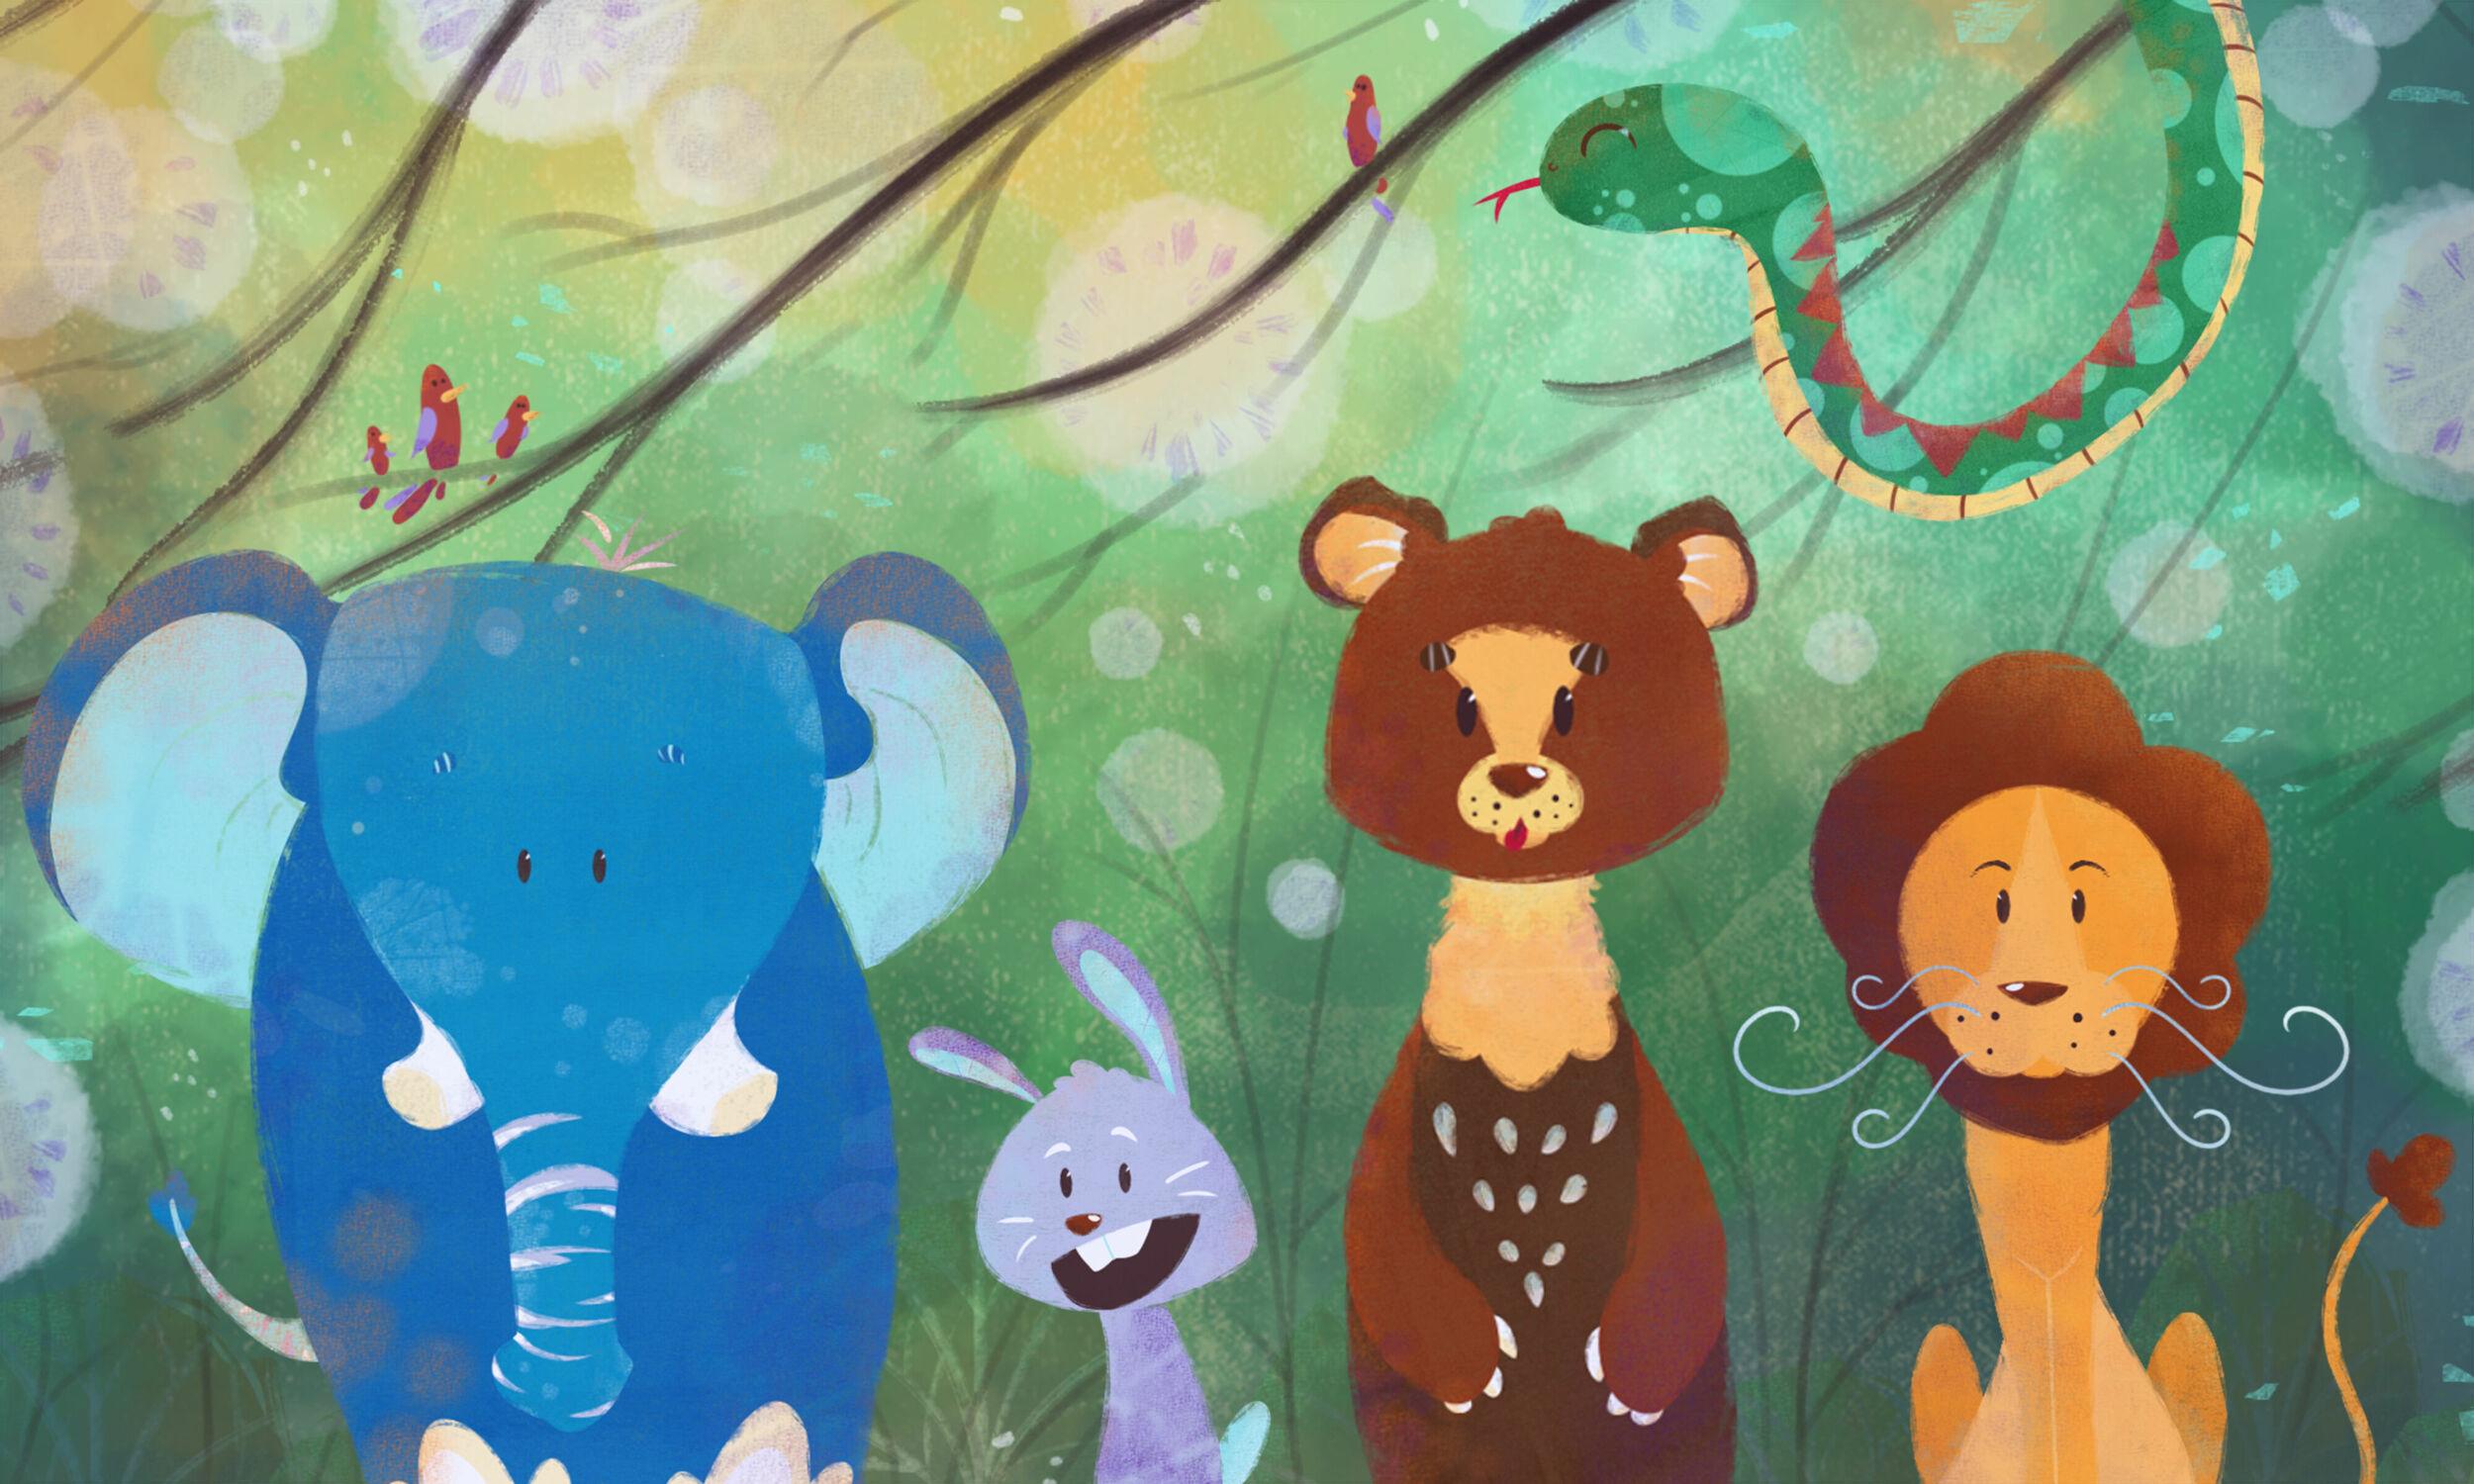 Bild mit Tiere, Wald, Märchenwald, Kinderbild, Kinderbilder, Kinderzimmer, Zoo, Elefant, Dschungel, waldtiere